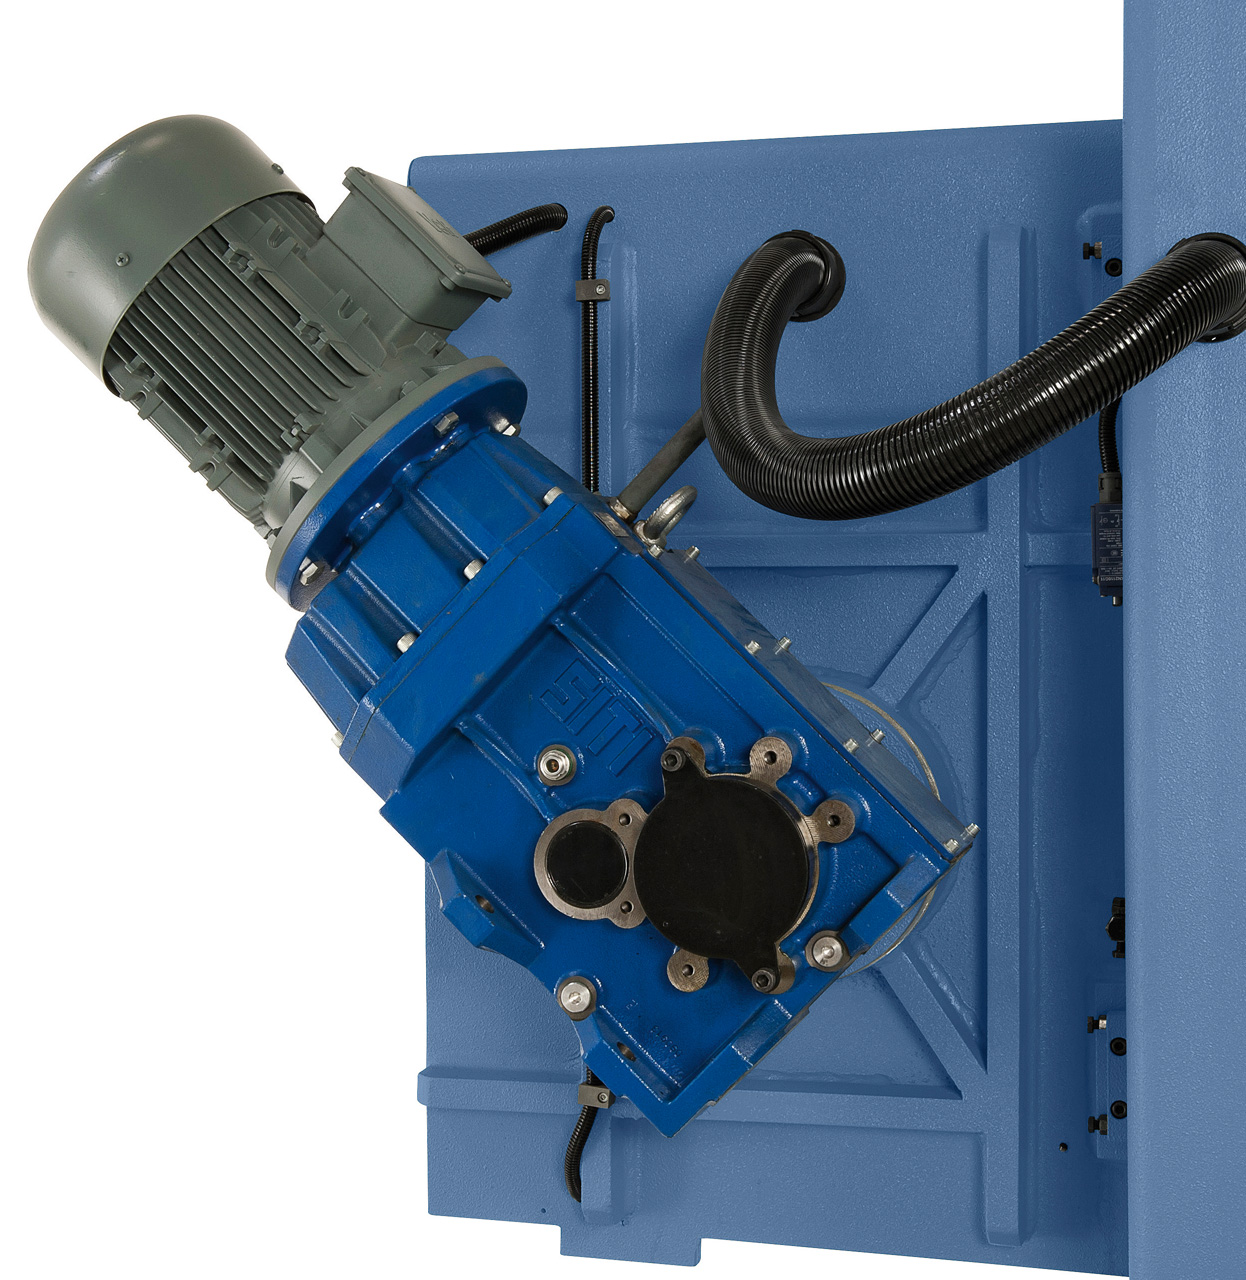 Leistungsstarker Antriebsmotor mit schräg verzahntem Getriebe, Antriebsleistung 4,0 kW